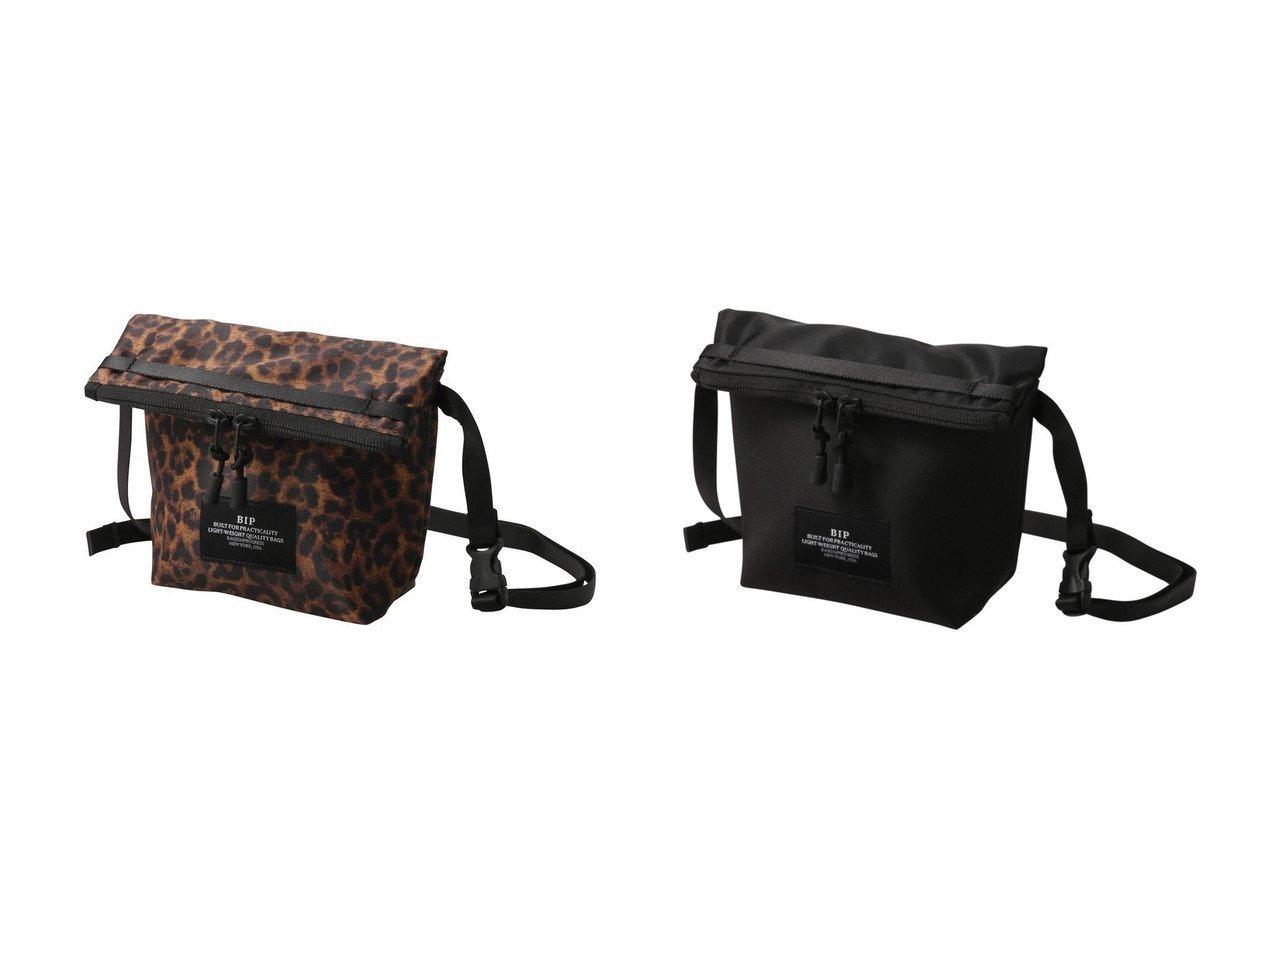 【heliopole/エリオポール】の【BAGS IN PROGRESS】ベルトバッグ&【BAGS IN PROGRESS】レオパードベルトバッグ バッグのおすすめ!人気、レディースファッションの通販  おすすめで人気のファッション通販商品 インテリア・家具・キッズファッション・メンズファッション・レディースファッション・服の通販 founy(ファニー) https://founy.com/ ファッション Fashion レディース WOMEN バッグ Bag ベルト Belts ポーチ Pouches シンプル バランス レオパード ドッキング |ID:crp329100000000438